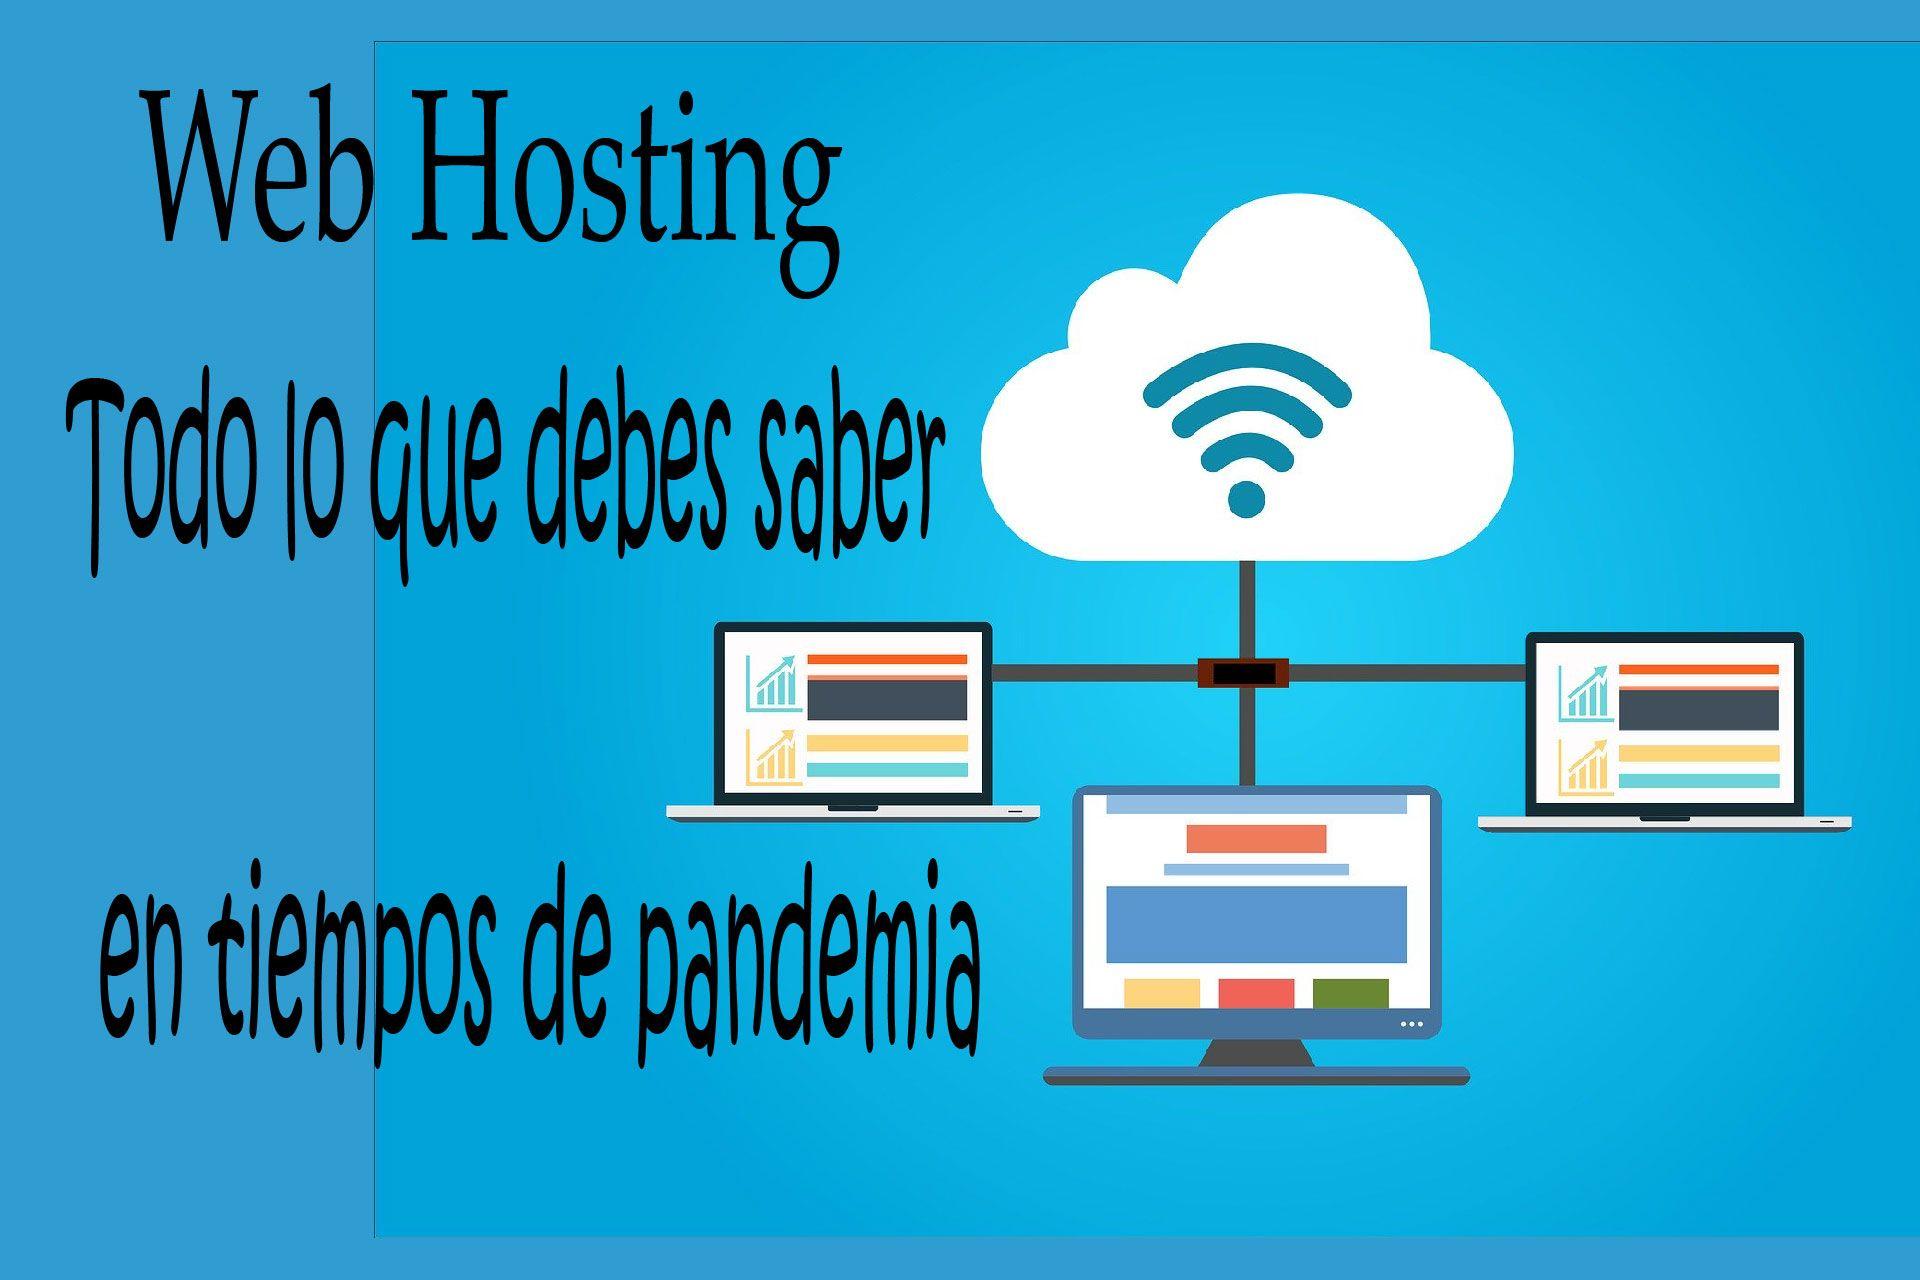 web hosting todo lo que desbes saber en tiempos de pandemia